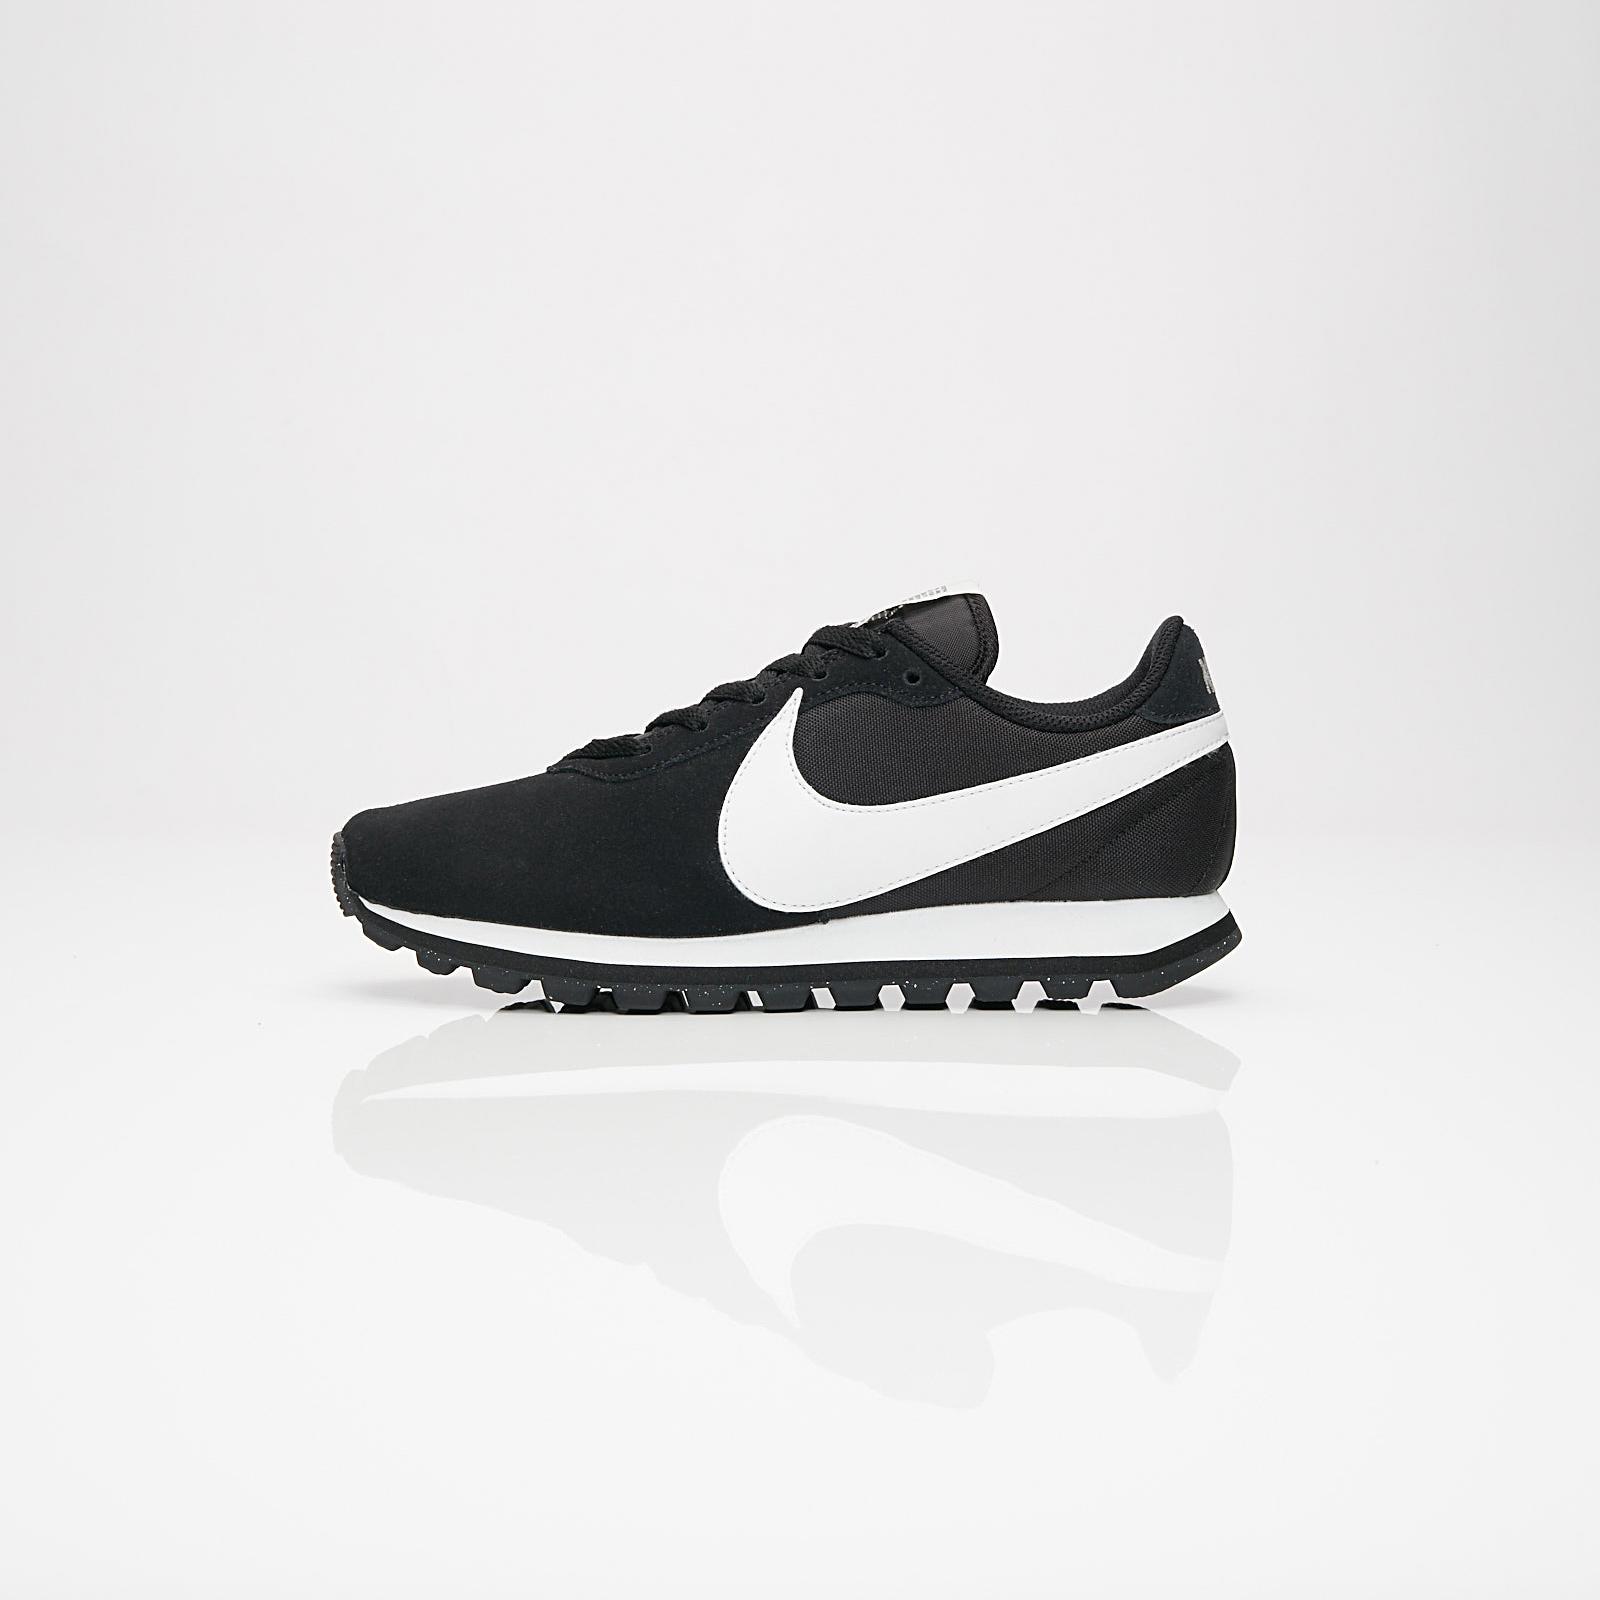 2572af6ddf4b Nike Wmns Pre-Love O.X. - Ao3166-002 - Sneakersnstuff